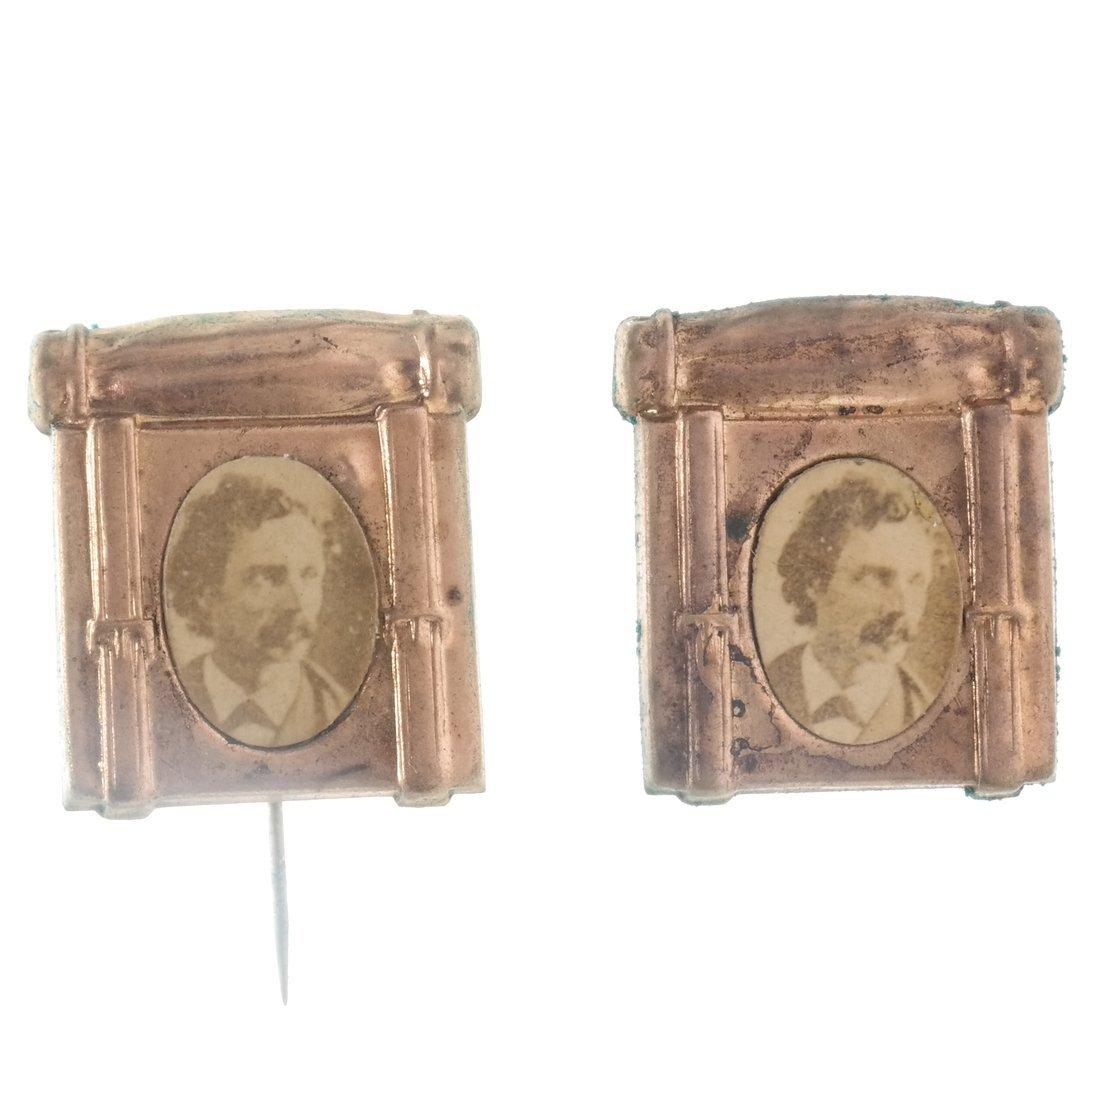 Miscellaneous 1892 Albumen Prints & Badges - 3